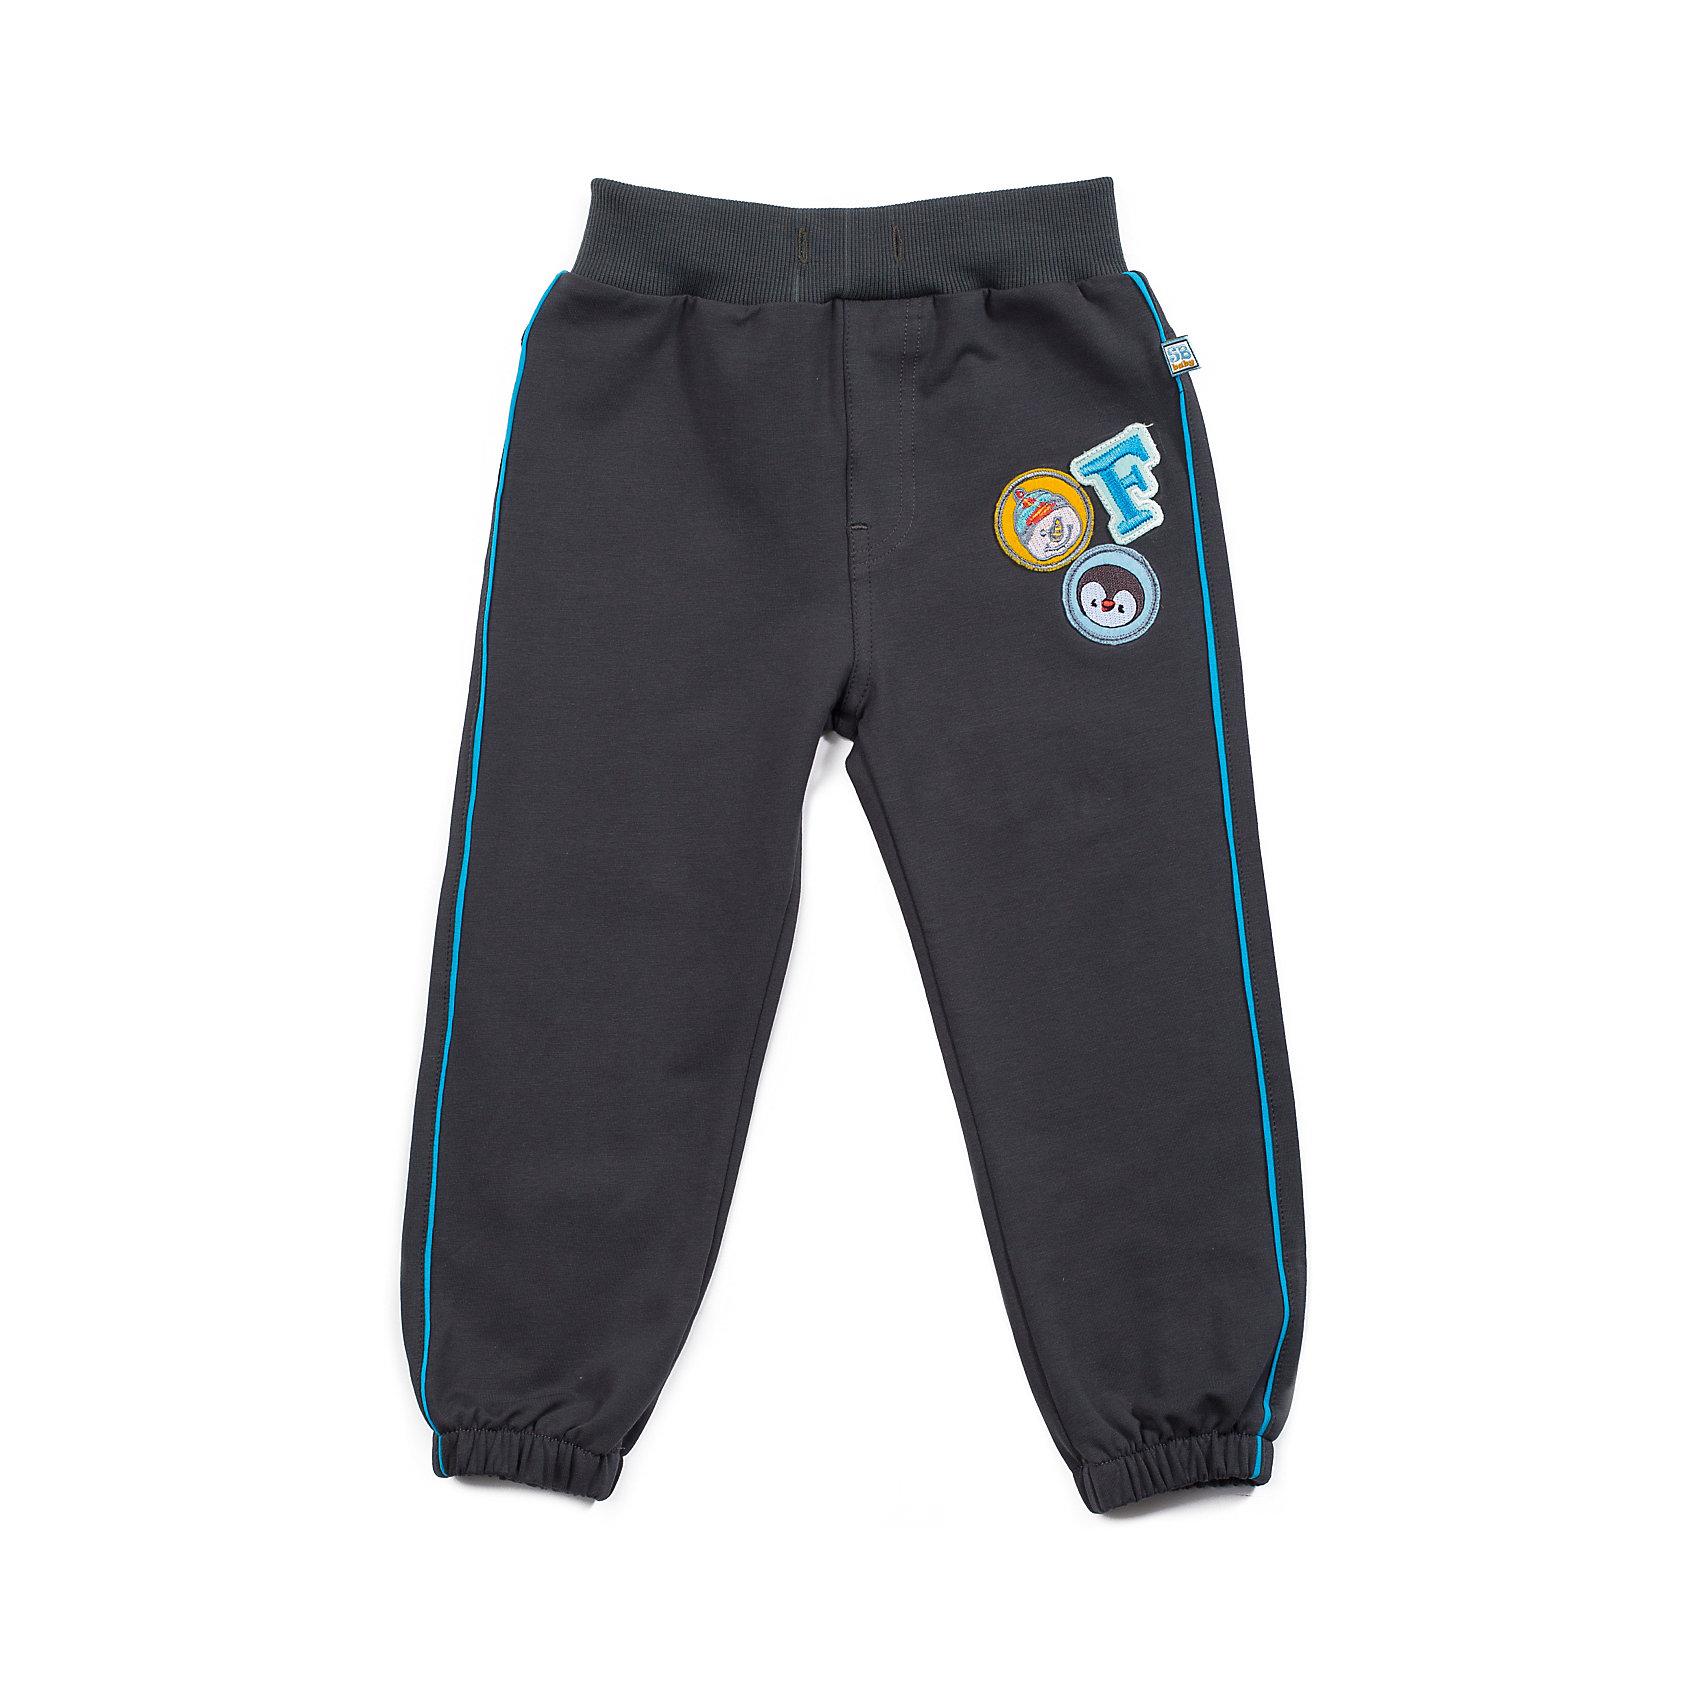 Брюки для мальчика Sweet BerryУдобные трикотжные брюки для мальчика. На эластичном поясе с внутренней резинкой и дополнительным хлопковым шнурком. Декорированы контрастным кантом и шевронами По низу собраны на резинку.<br>Состав:<br>95% хлопок, 5% эластан<br><br>Ширина мм: 215<br>Глубина мм: 88<br>Высота мм: 191<br>Вес г: 336<br>Цвет: серый<br>Возраст от месяцев: 9<br>Возраст до месяцев: 12<br>Пол: Мужской<br>Возраст: Детский<br>Размер: 86,92,80,98<br>SKU: 4273307